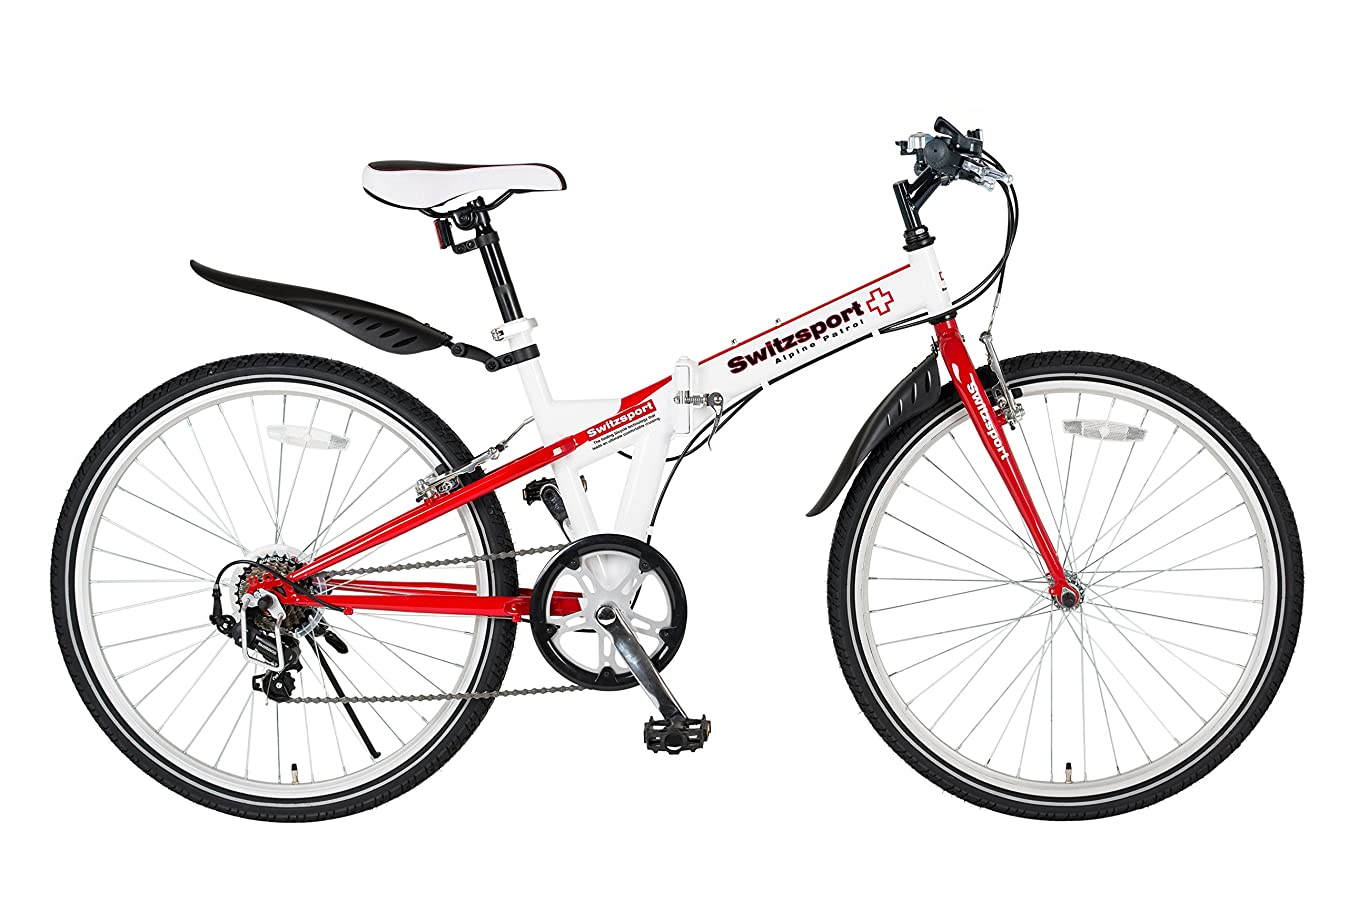 ネスト従順旅Switzsport-Tech(スウィツスポート-テック) SIERRE-II〔シエルII〕 クロスバイクタイプ26インチ折りたたみ自転車 〔SHIMANO Tourney 7段変速〕- 【White/Red】 MDL31015